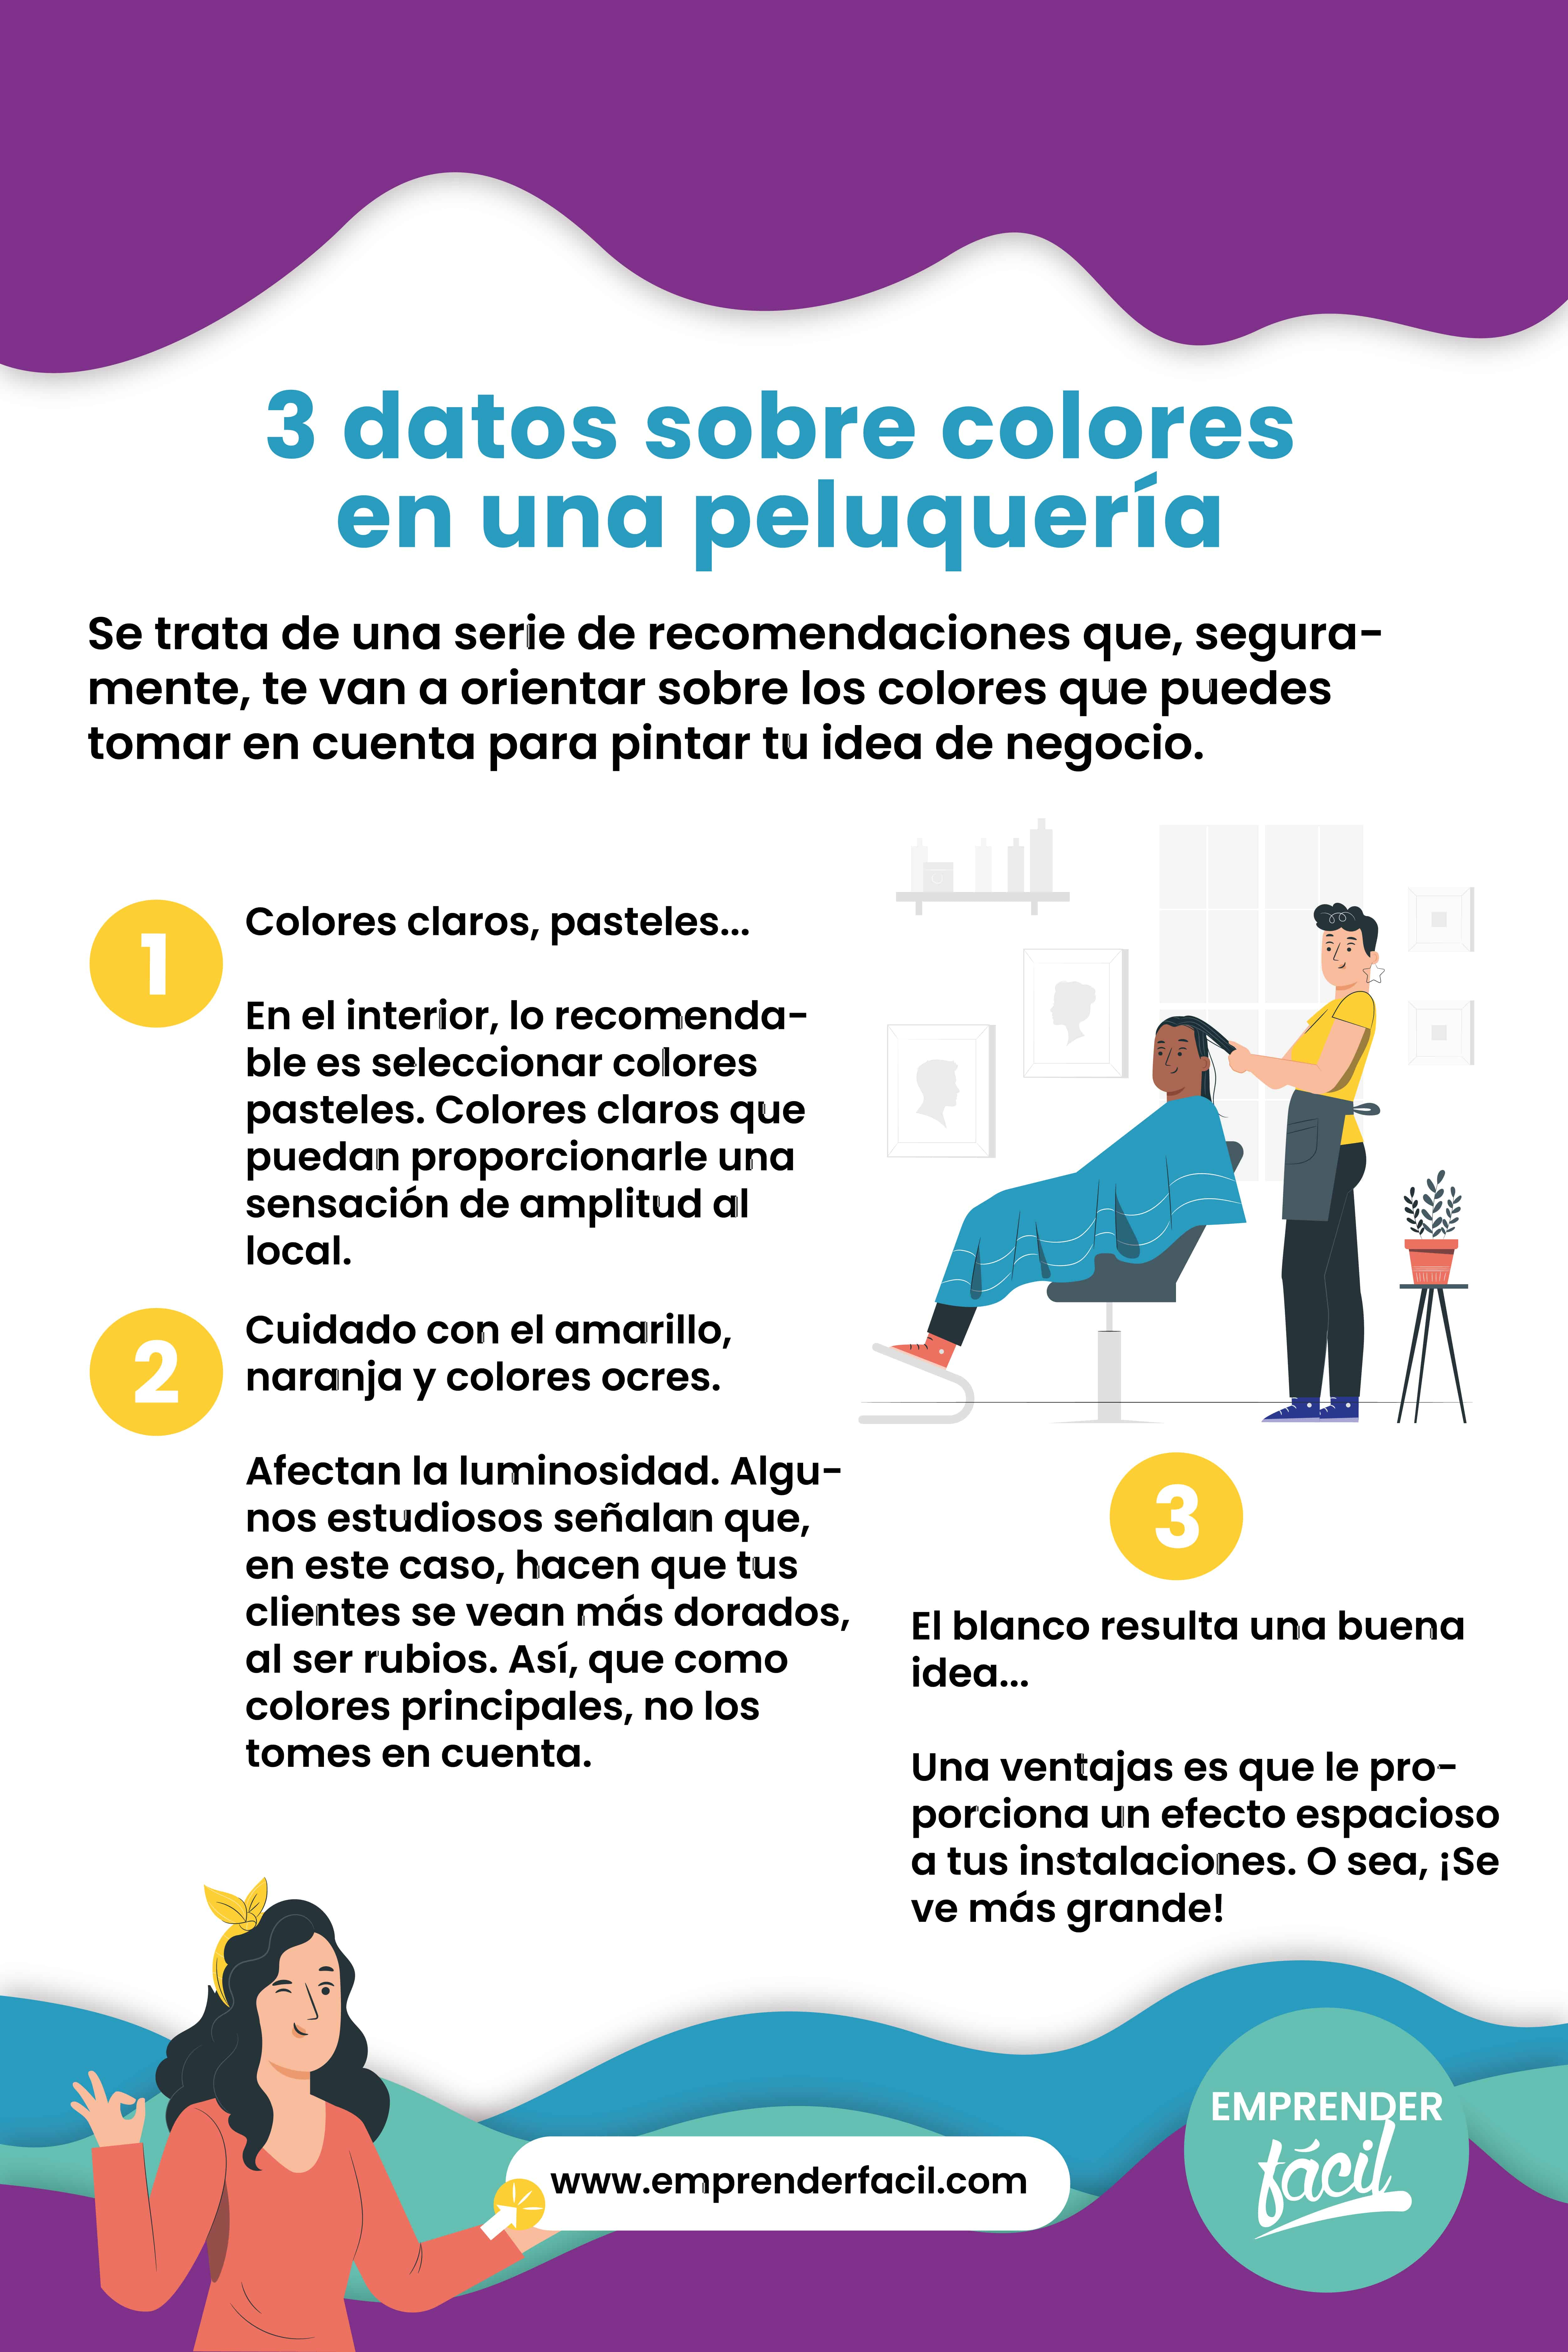 3 datos importantes sobre los colores para una peluquería.